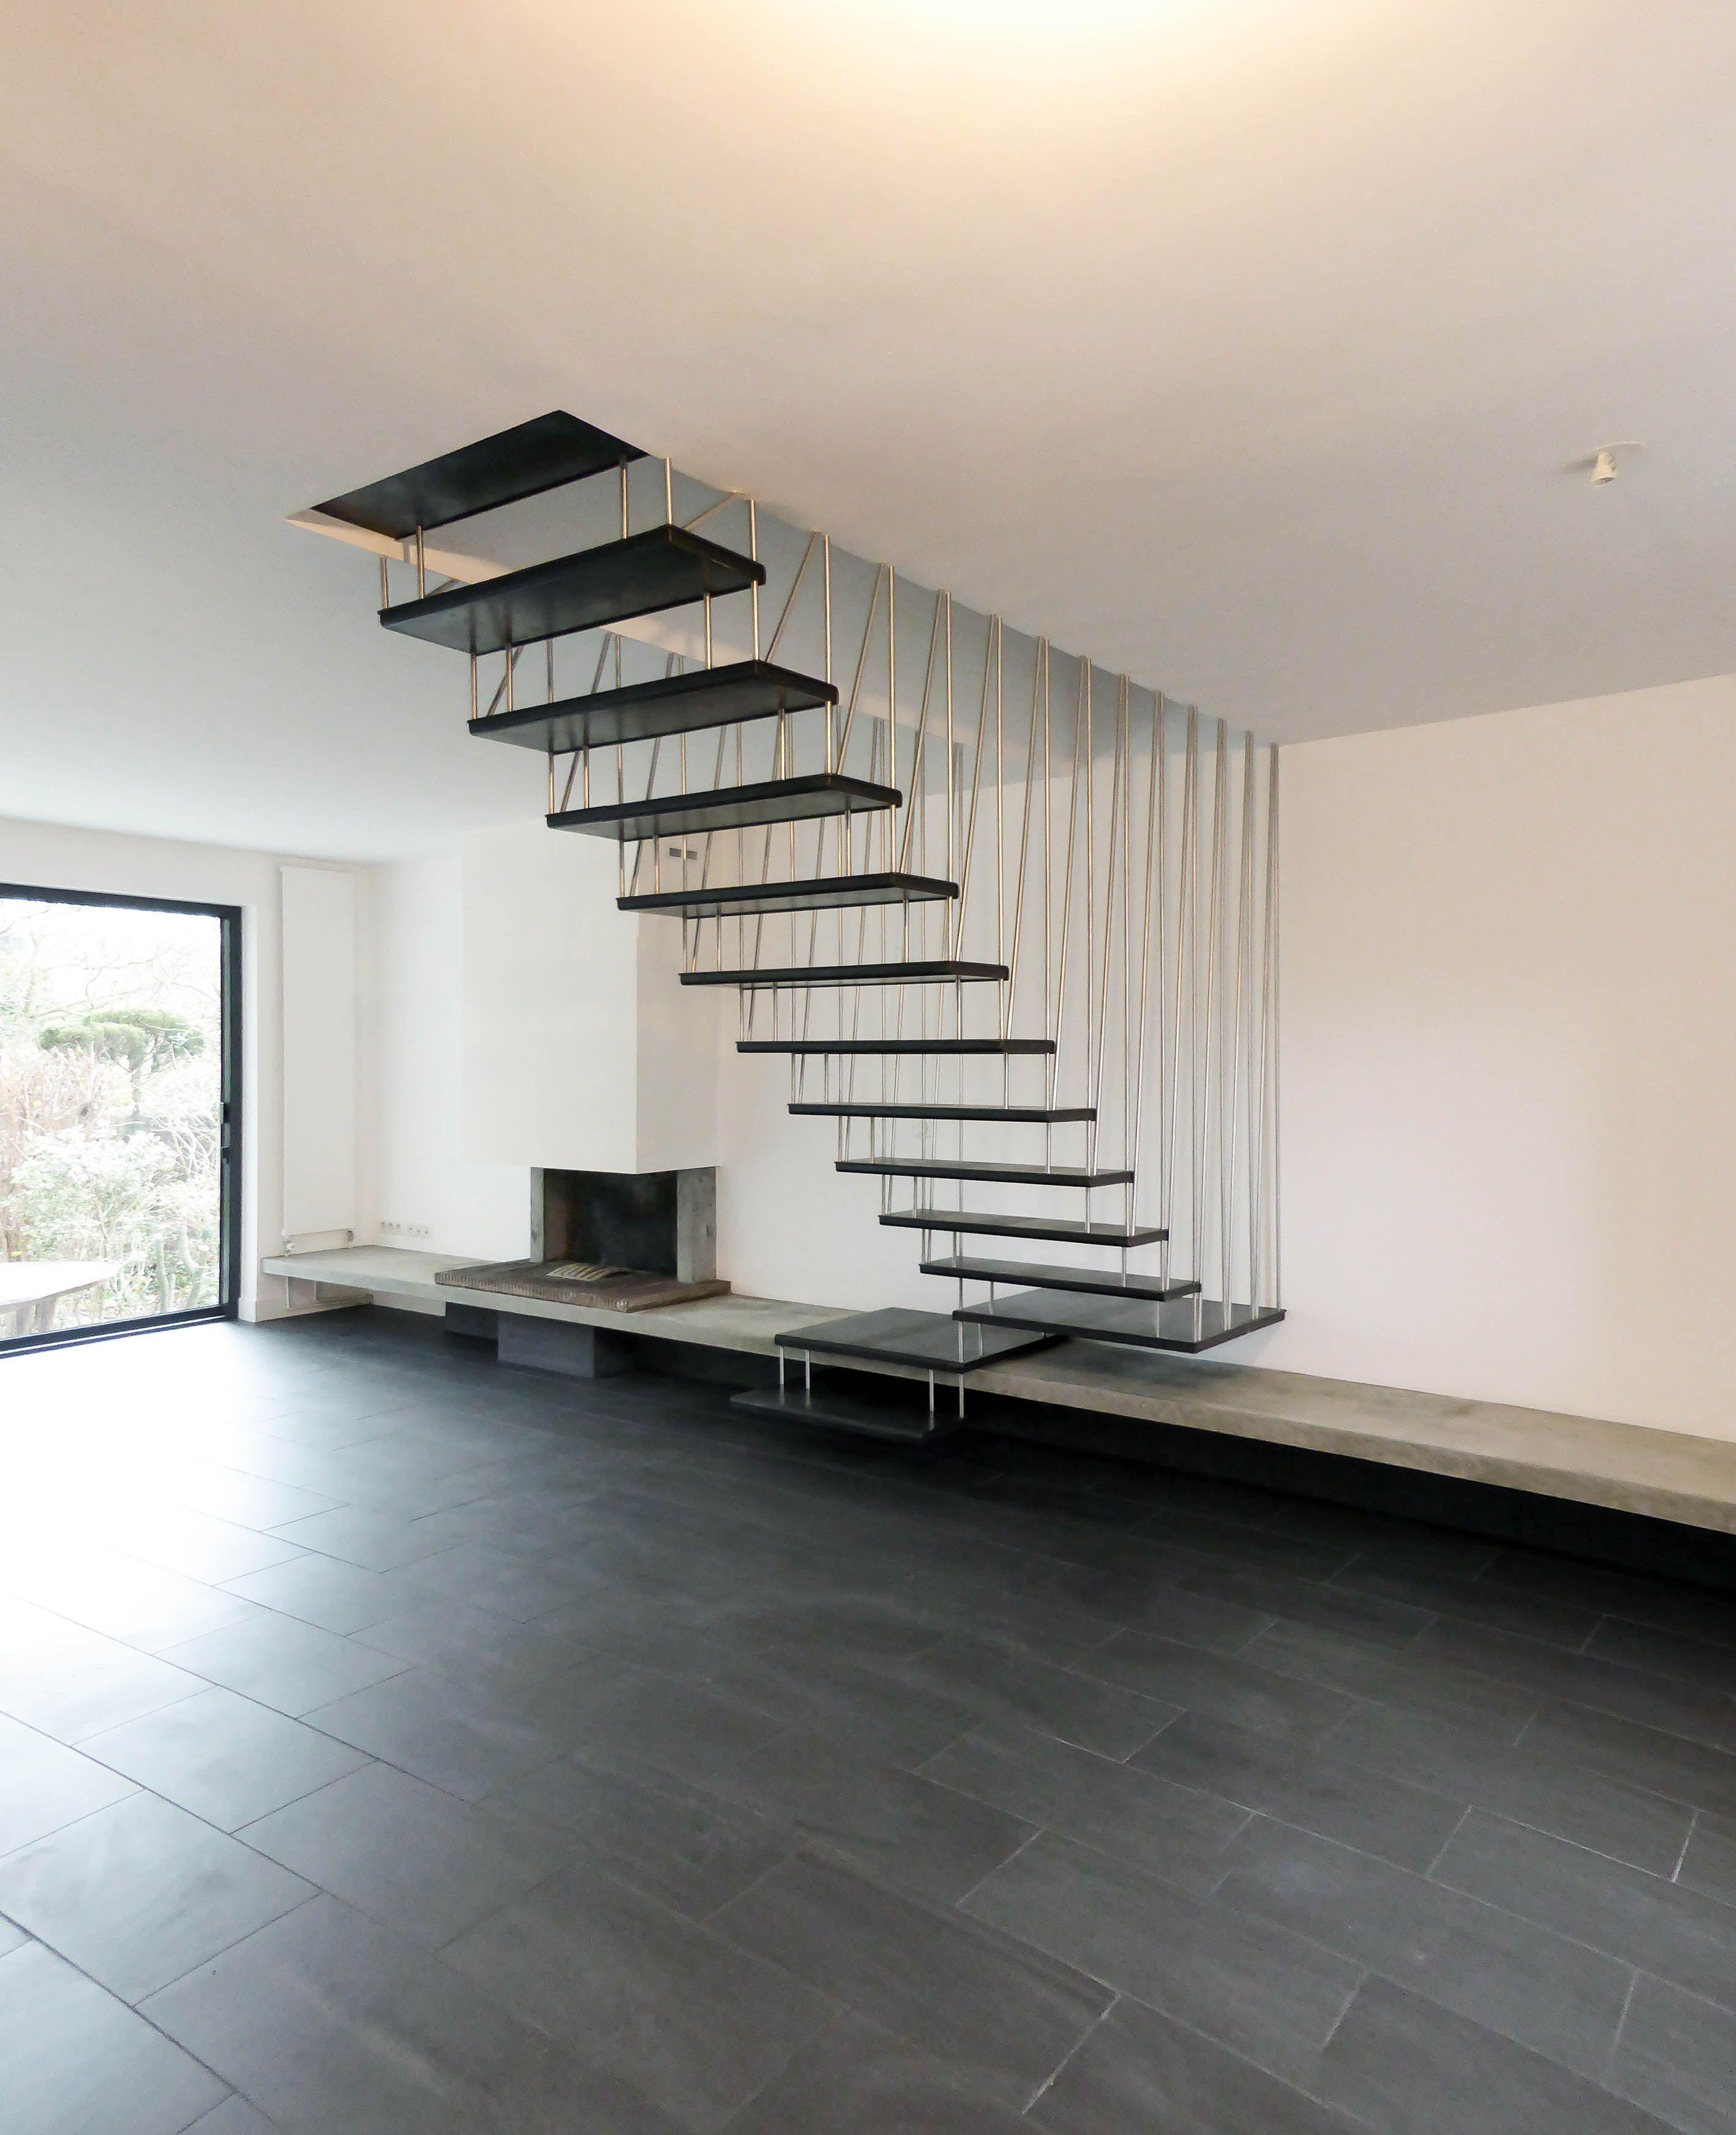 Ces 15 escaliers hyper design vont vous donner des envies for Maison hyper moderne